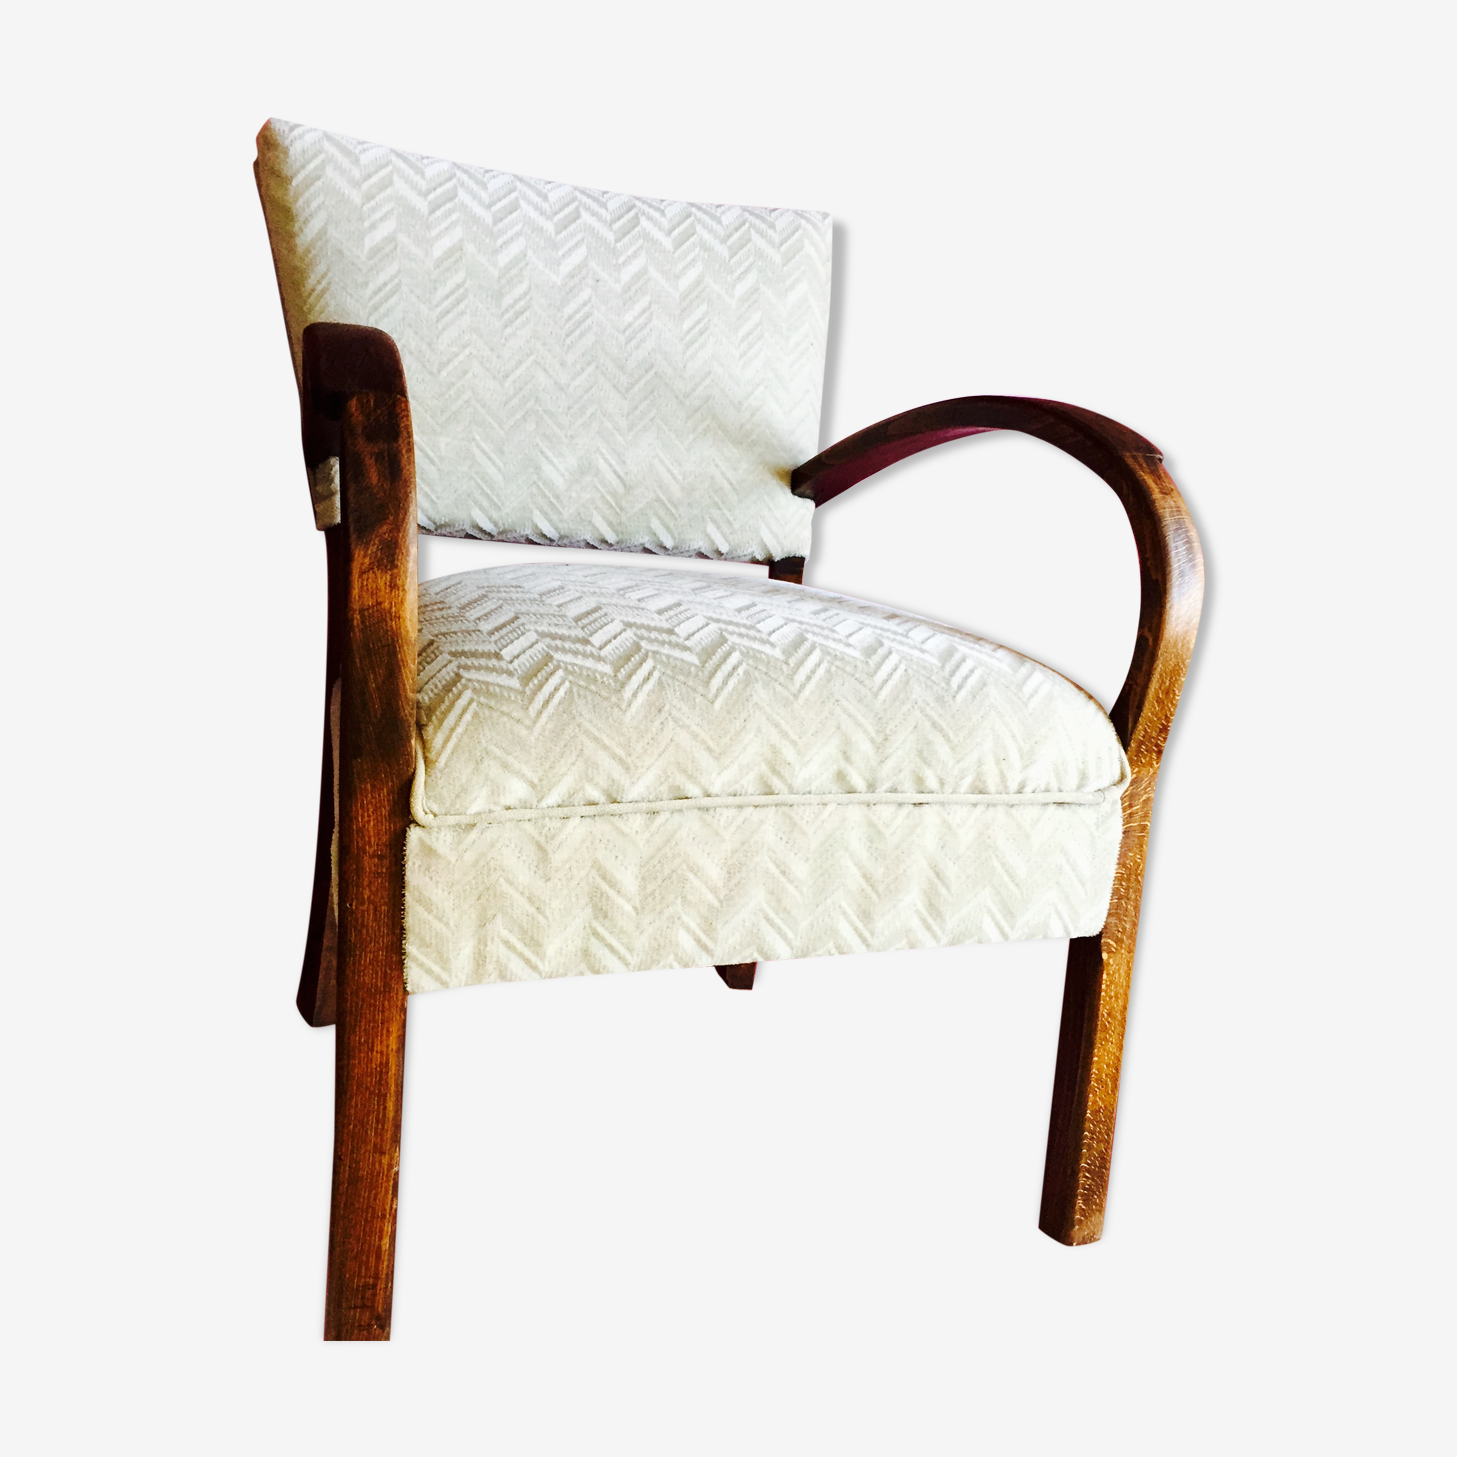 Joli petit fauteuil rétro refait enti¨rement bois Matériau